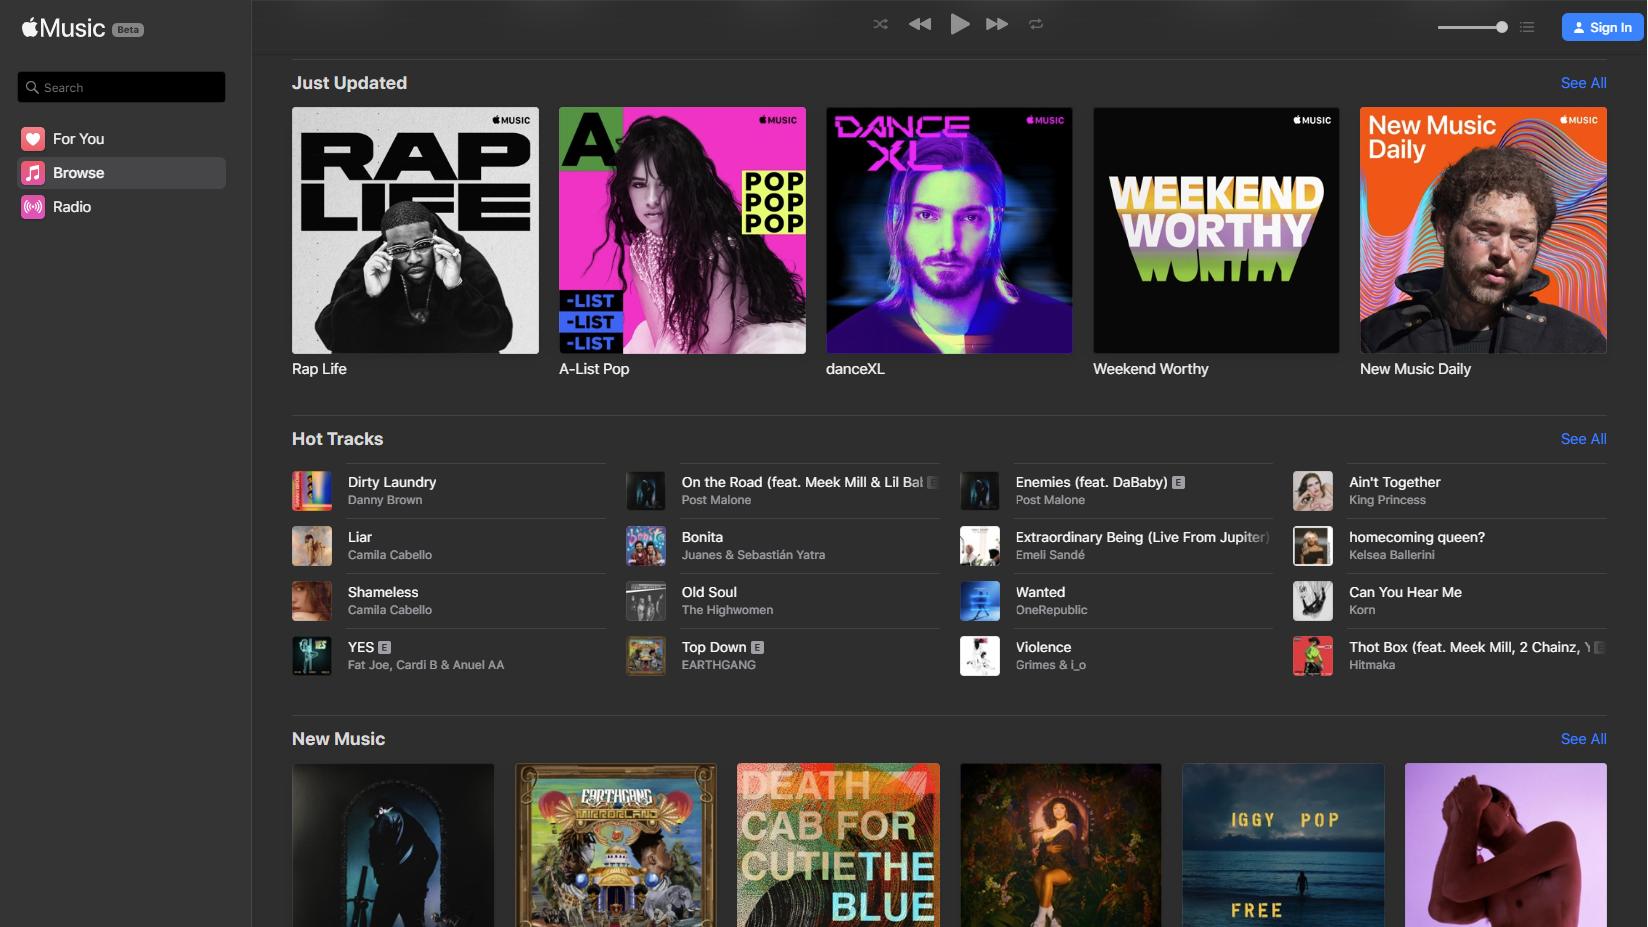 Nå er Apple Music tilgjengelig i nettleseren